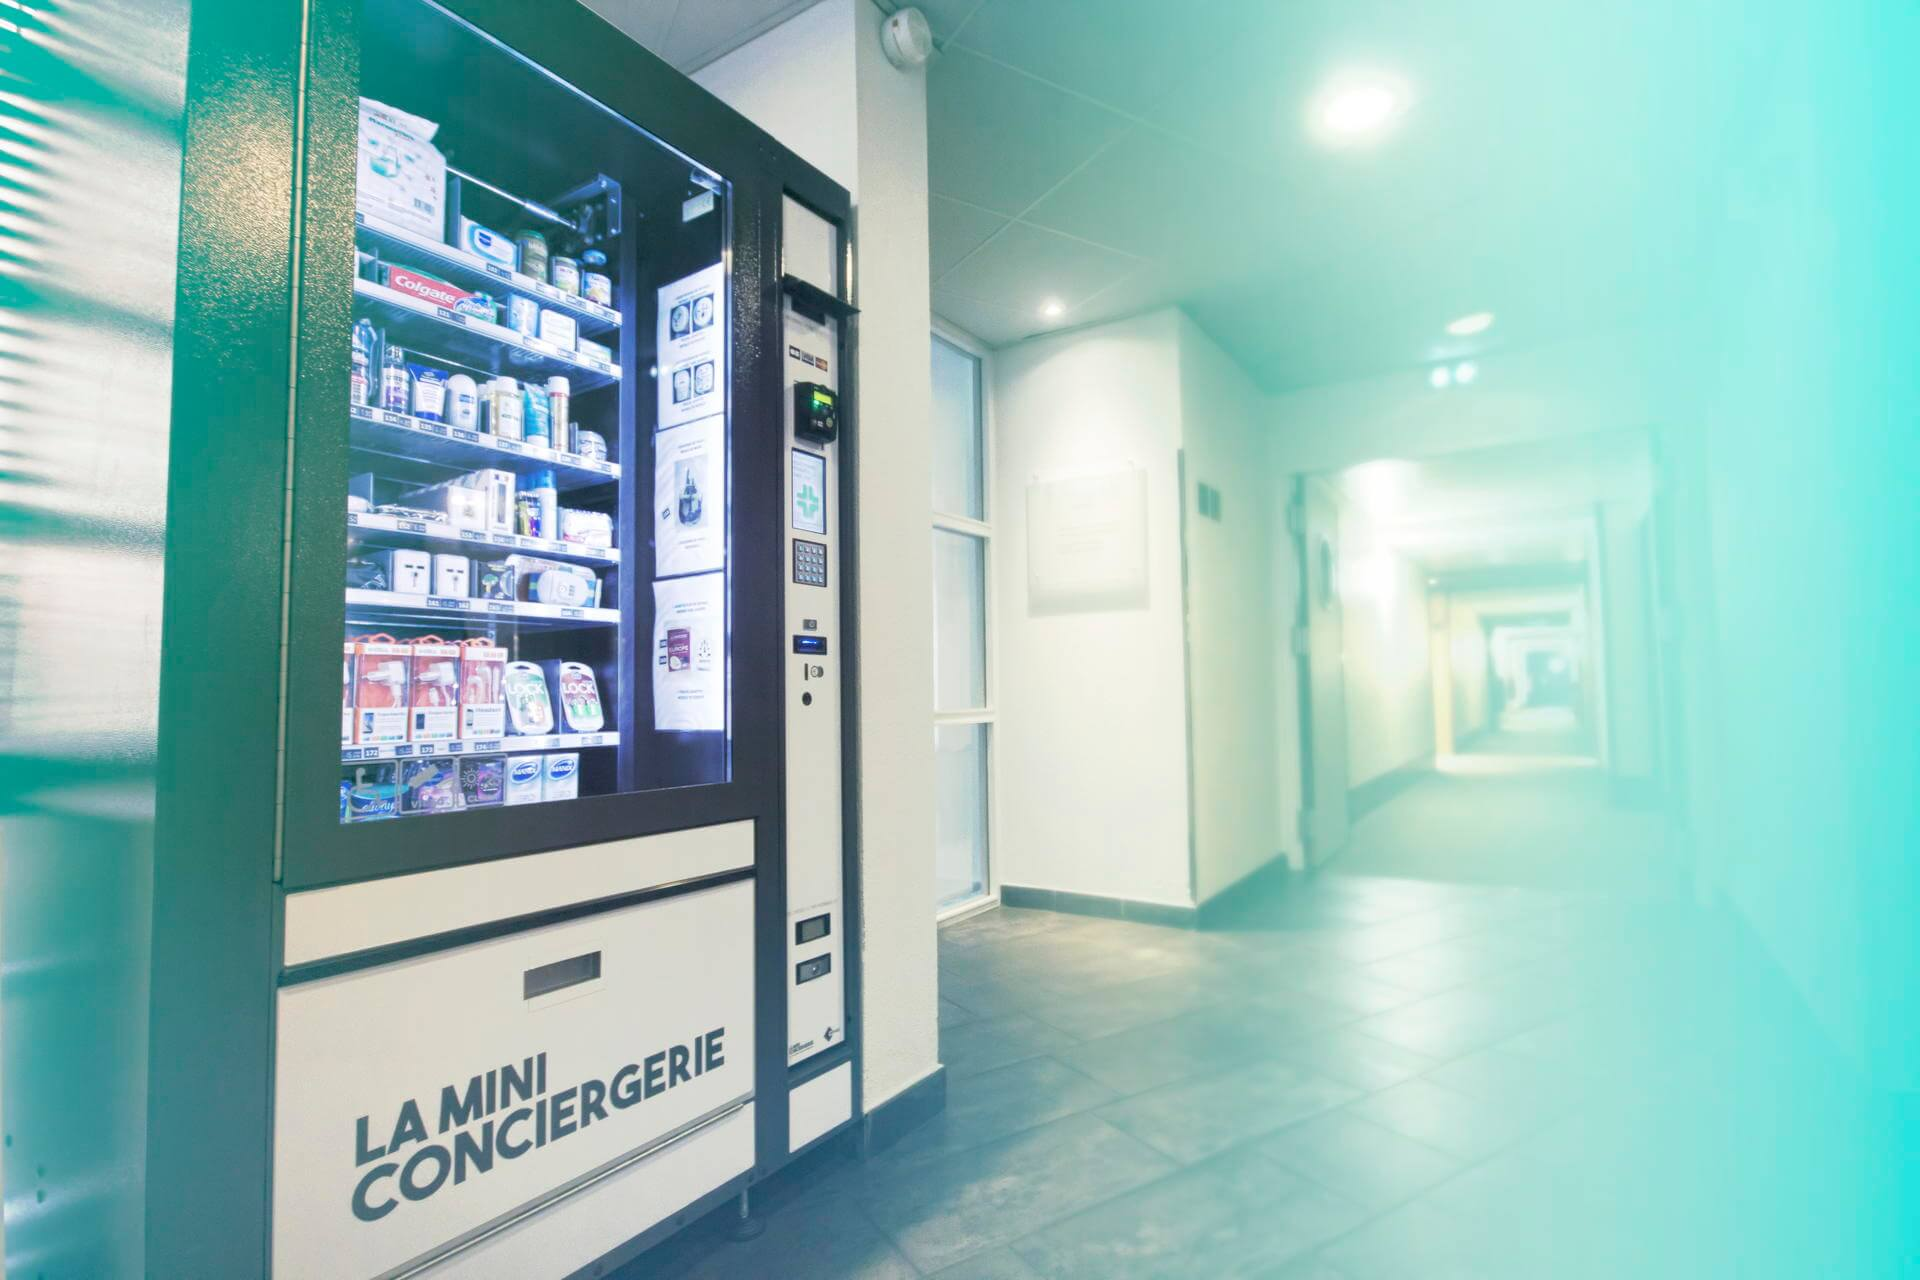 Hotelequipment-LA_MINI_Conciergerie_C